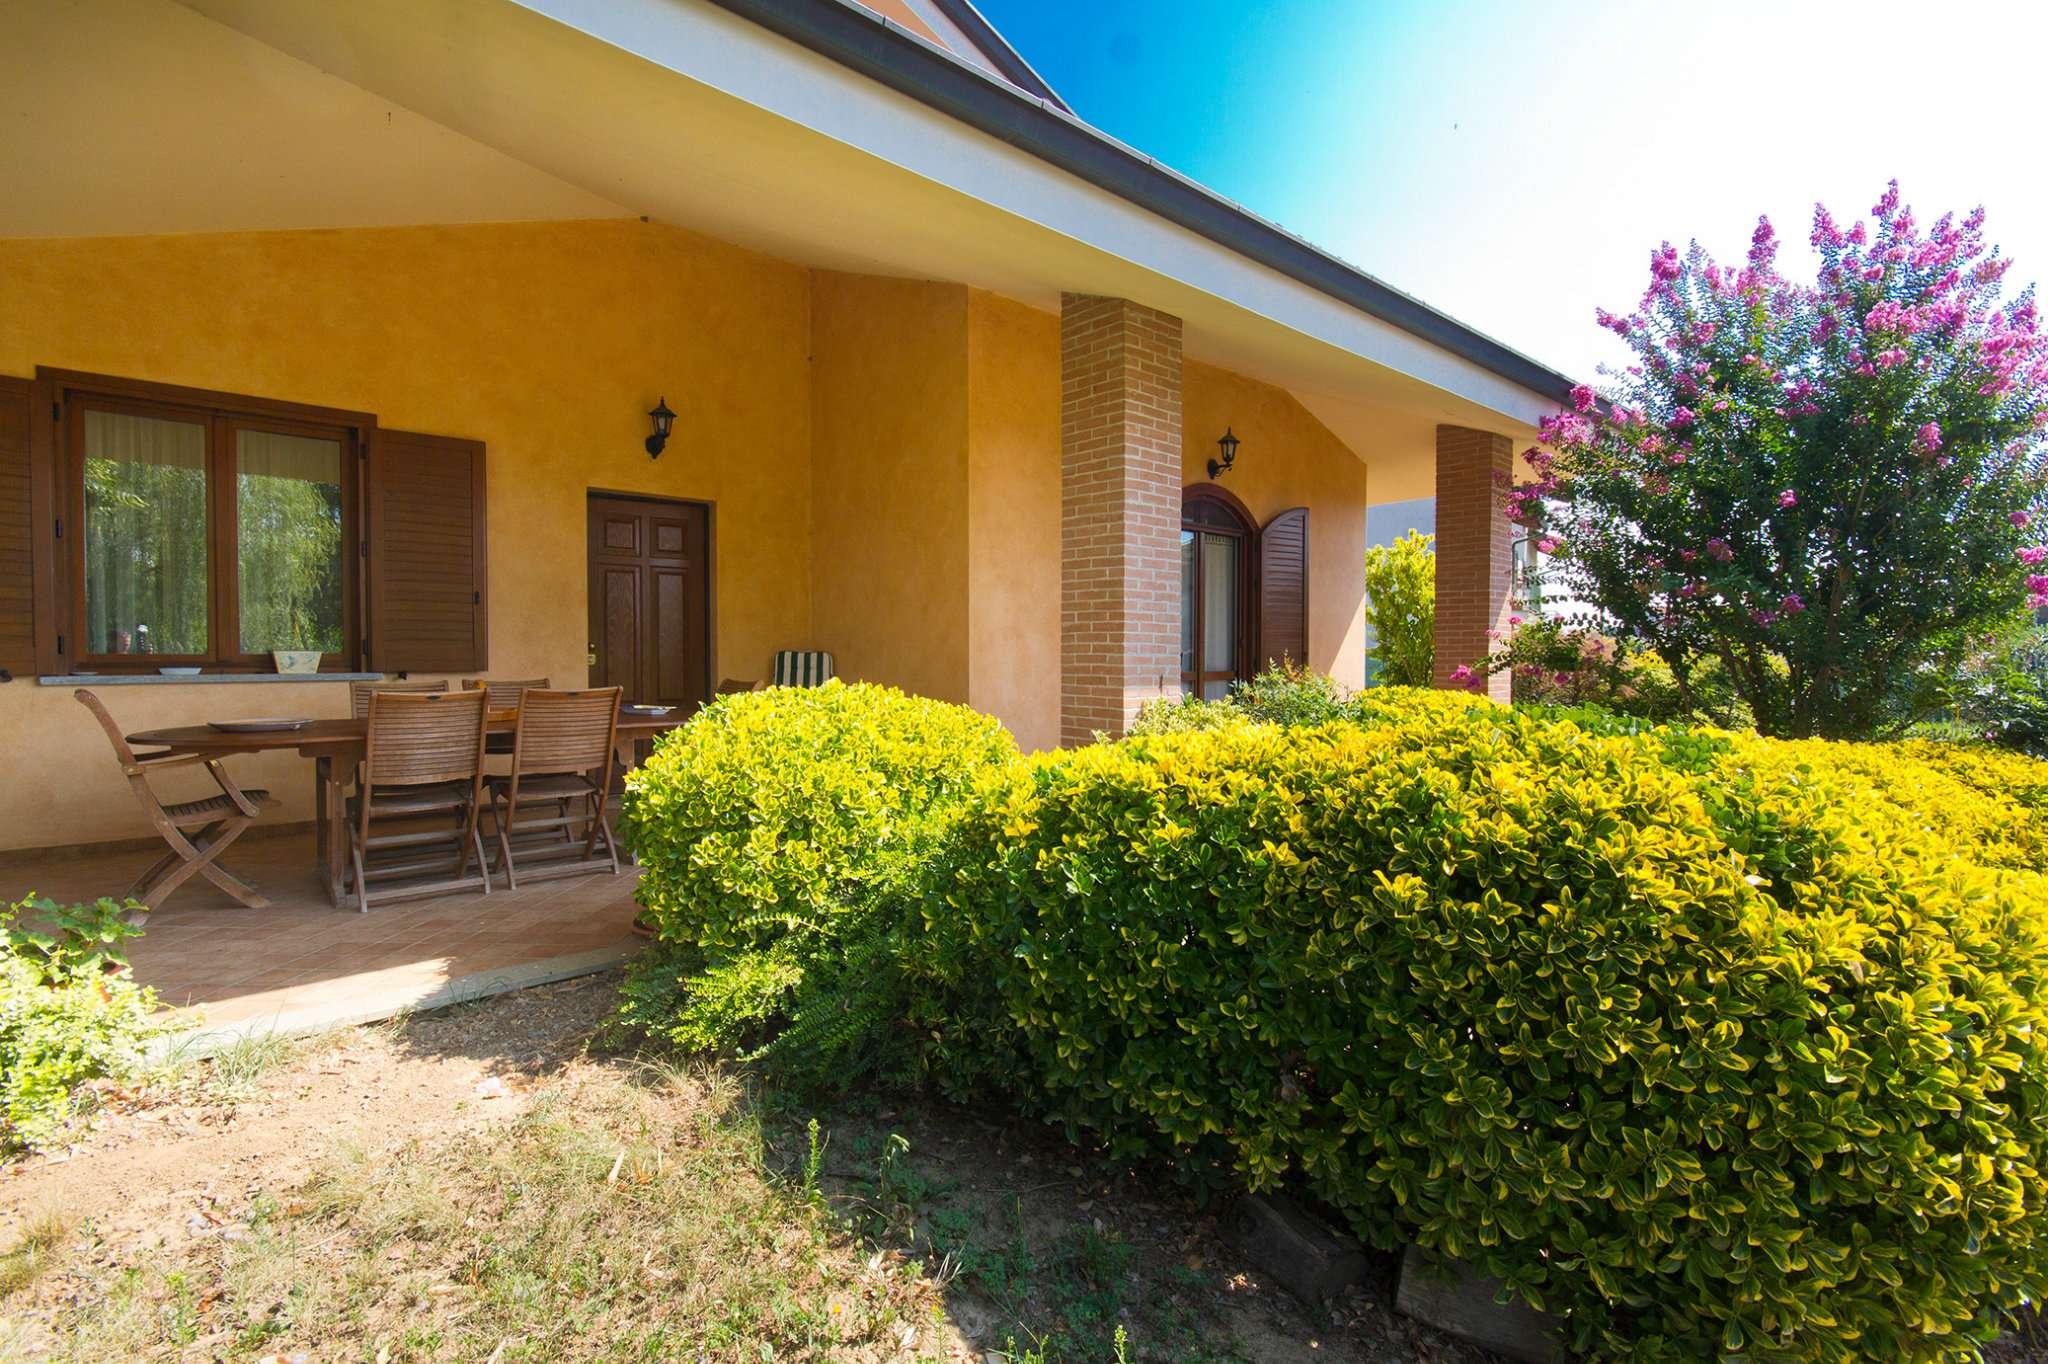 Foto 1 di Villa via Garibaldi  10, frazione Scarrone, Pralormo